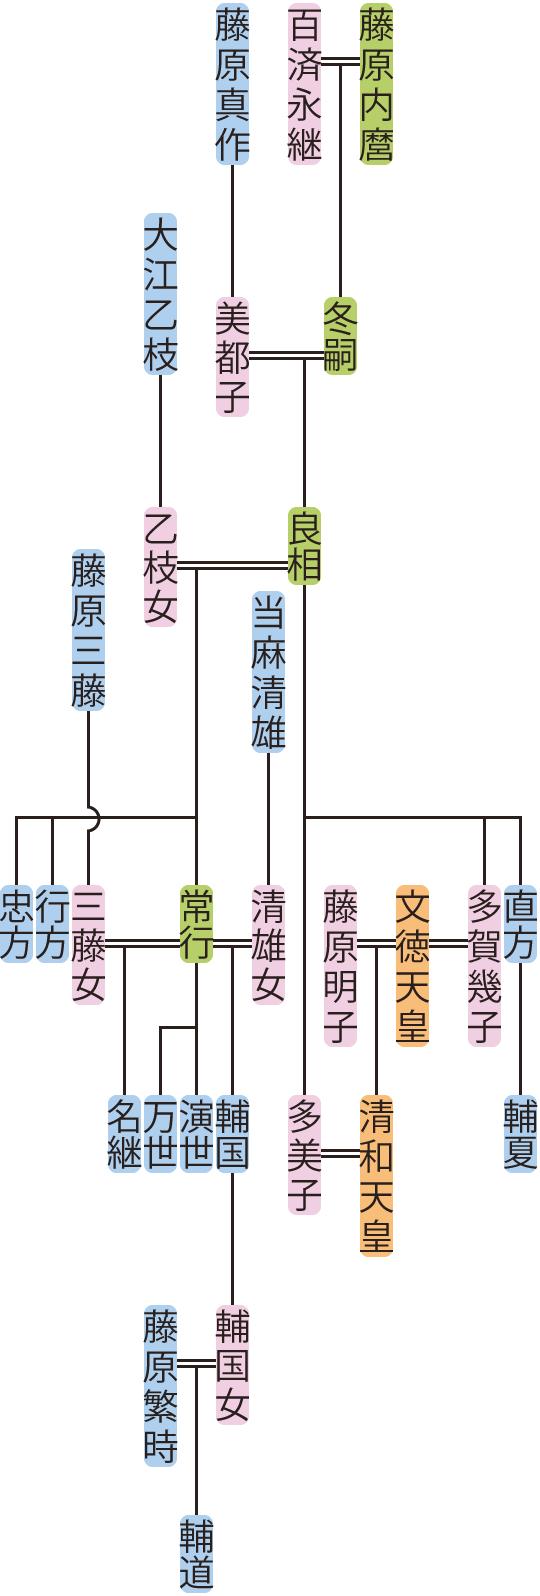 藤原良相の系図